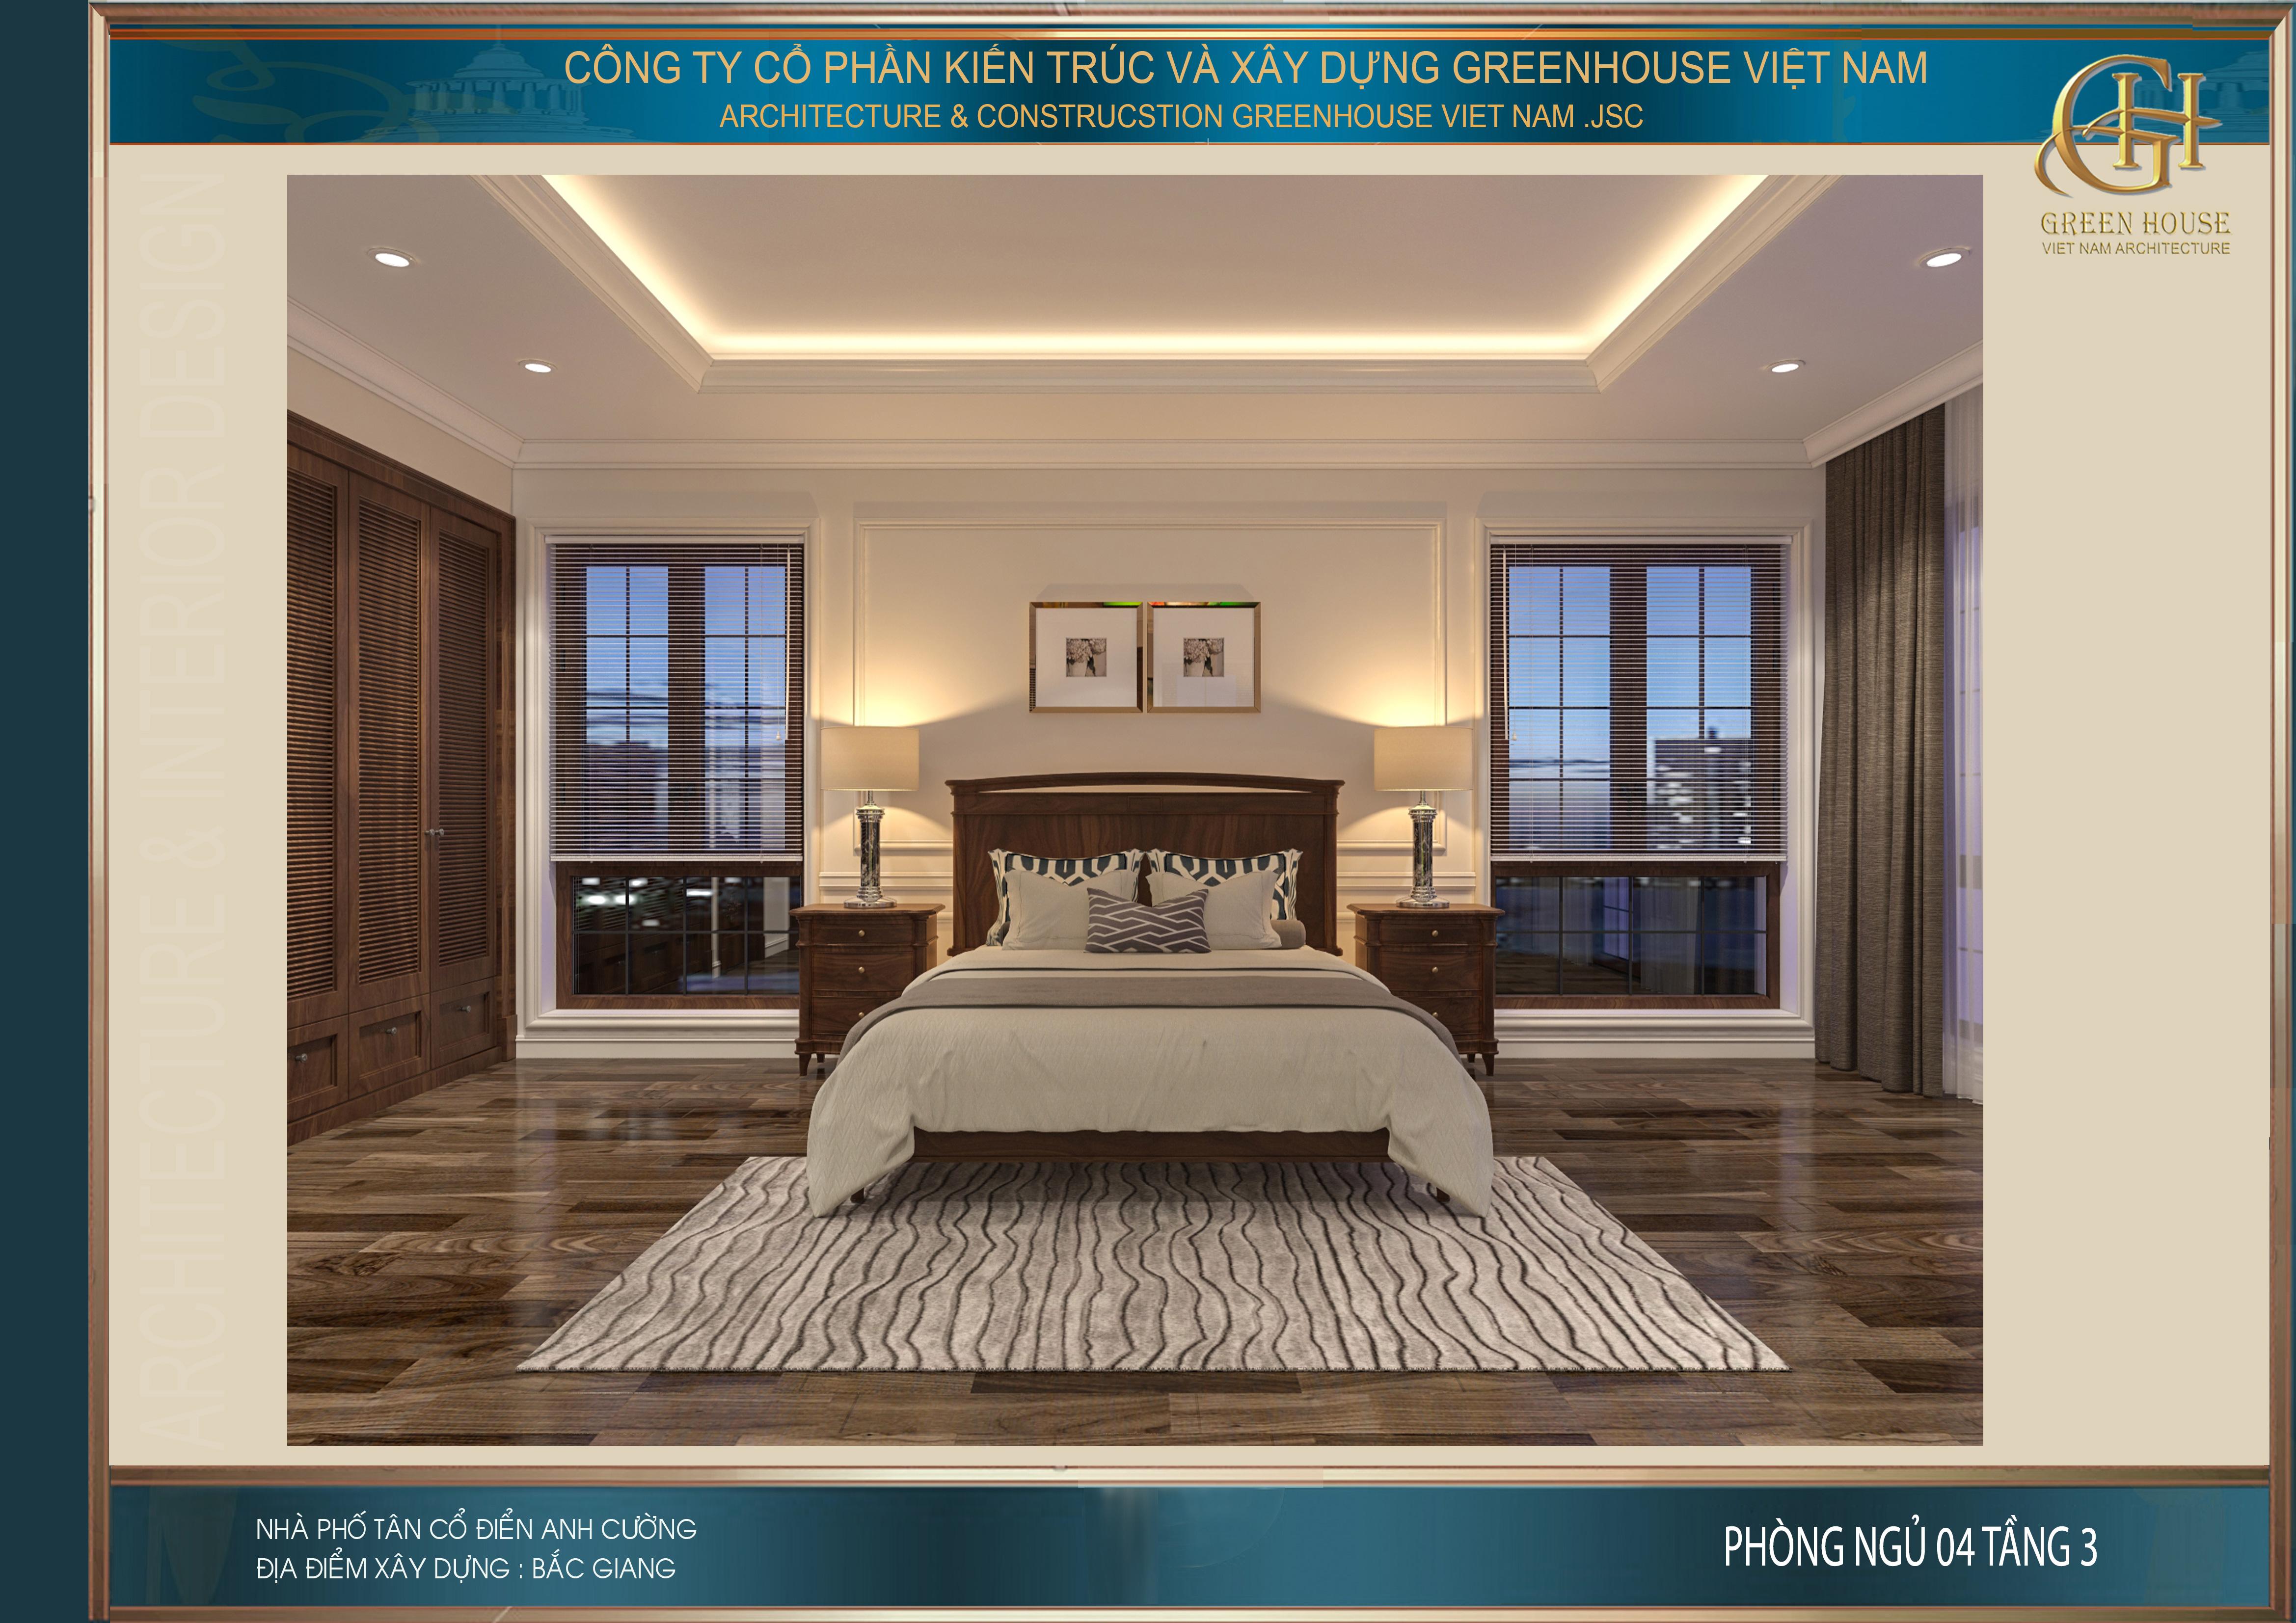 Phòng ngủ đẹp, sang trọng như 1 phòng khách sạn 5 sao